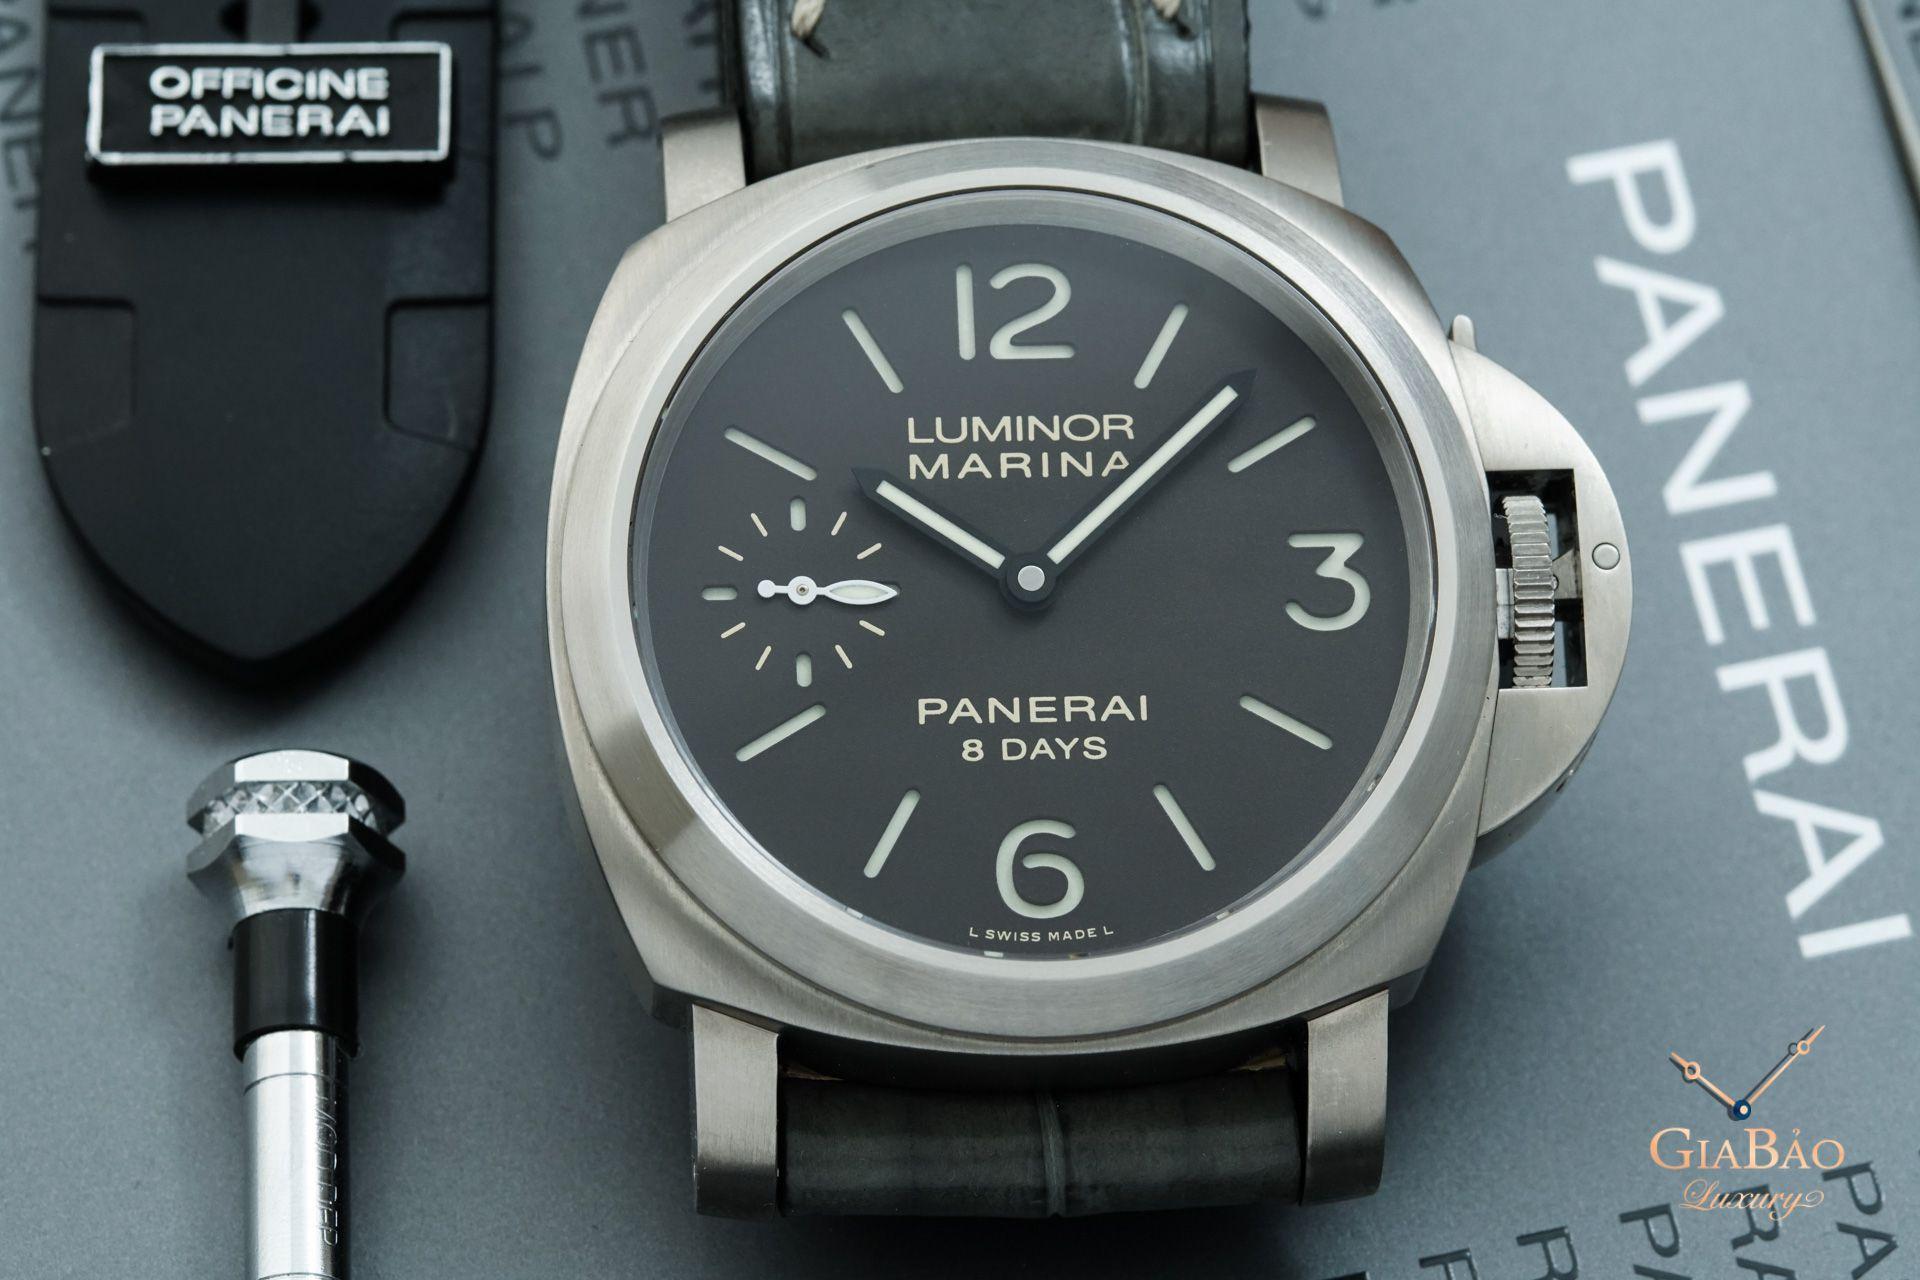 Với thiết kế chắc chắn cùng tính chính xác ưu việt, trong thế kỷ trước, Panerai chính là thương hiệu cung cấp đồng hồ tính thời gian hàng đầu cho Hải quân hoàng gia Ý